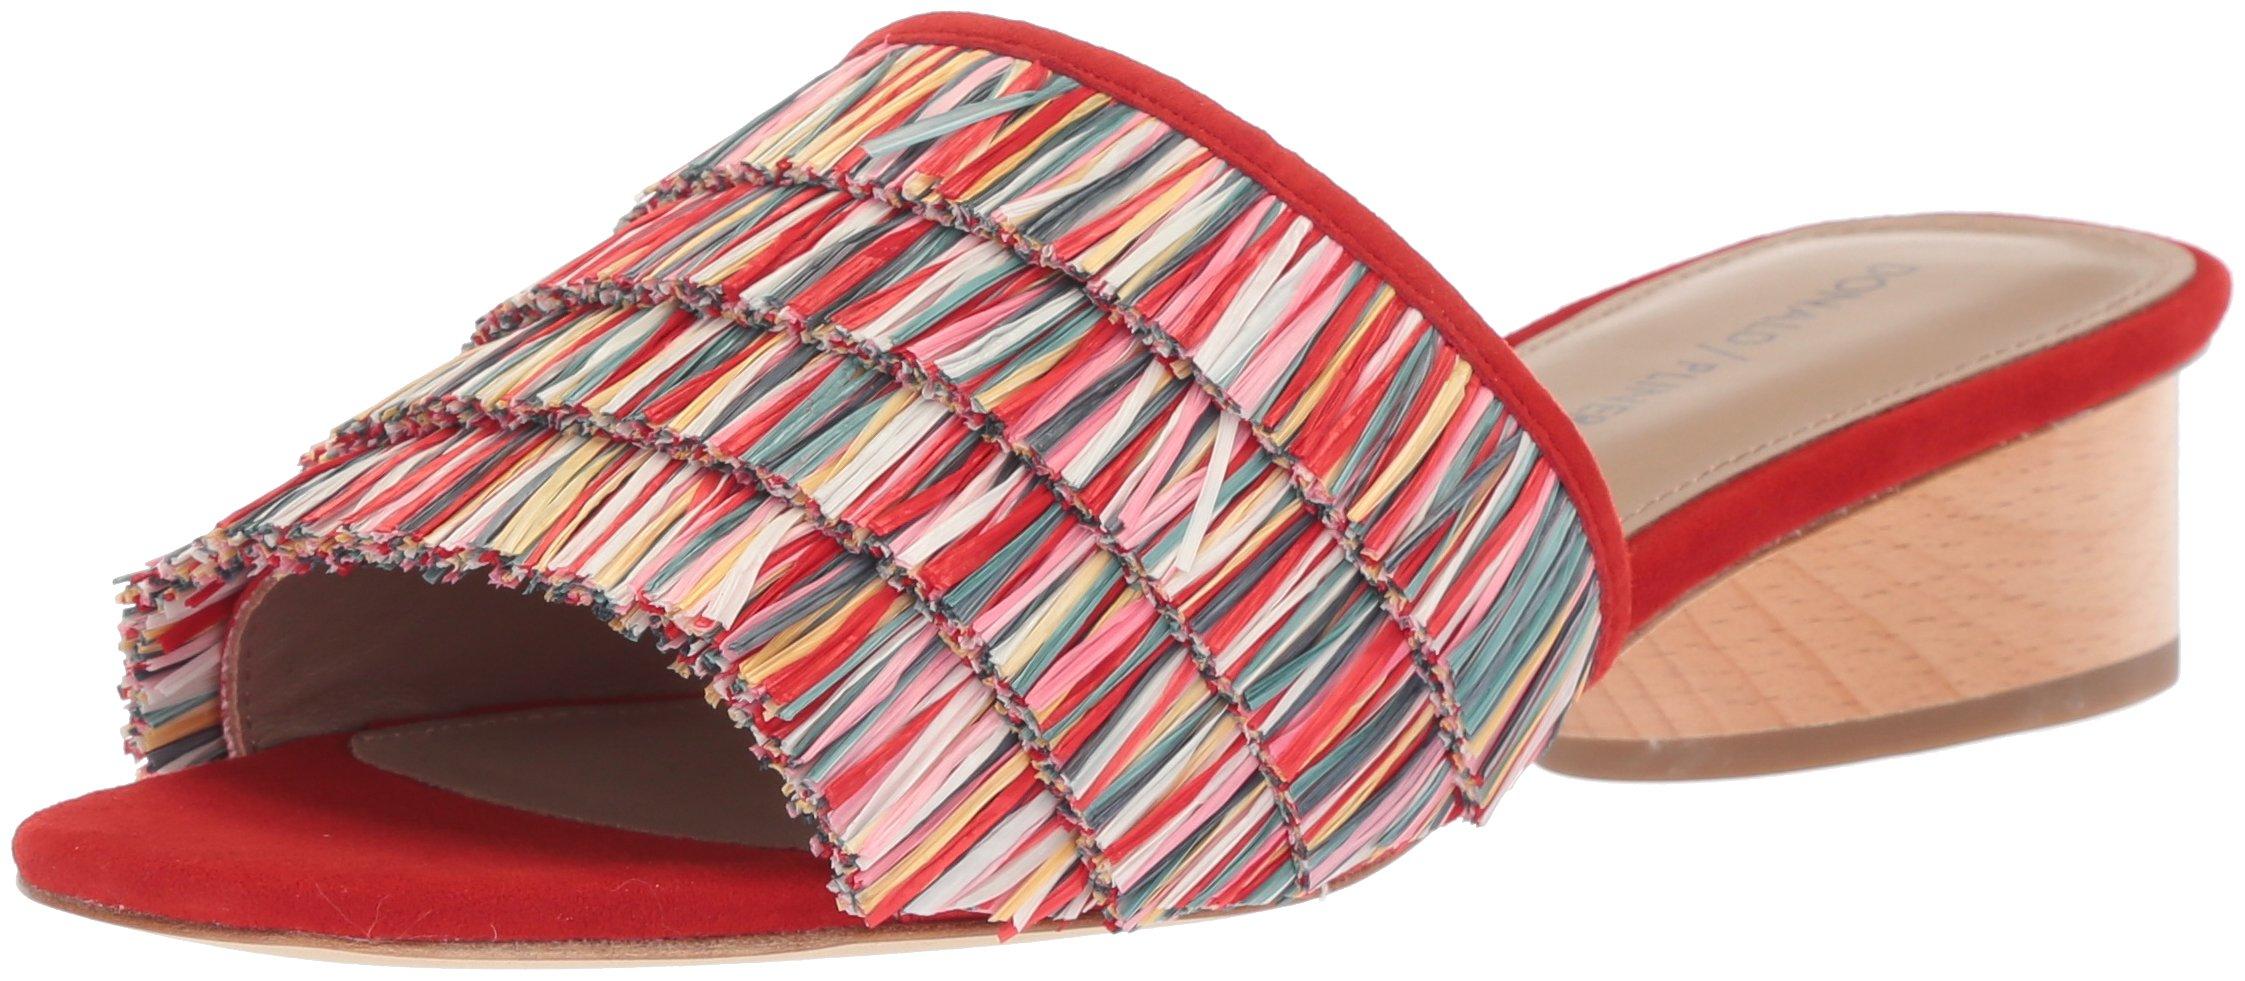 Donald J Pliner Women's Reise Slide Sandal, Red/Multi, 9 Medium US by Donald J Pliner (Image #1)